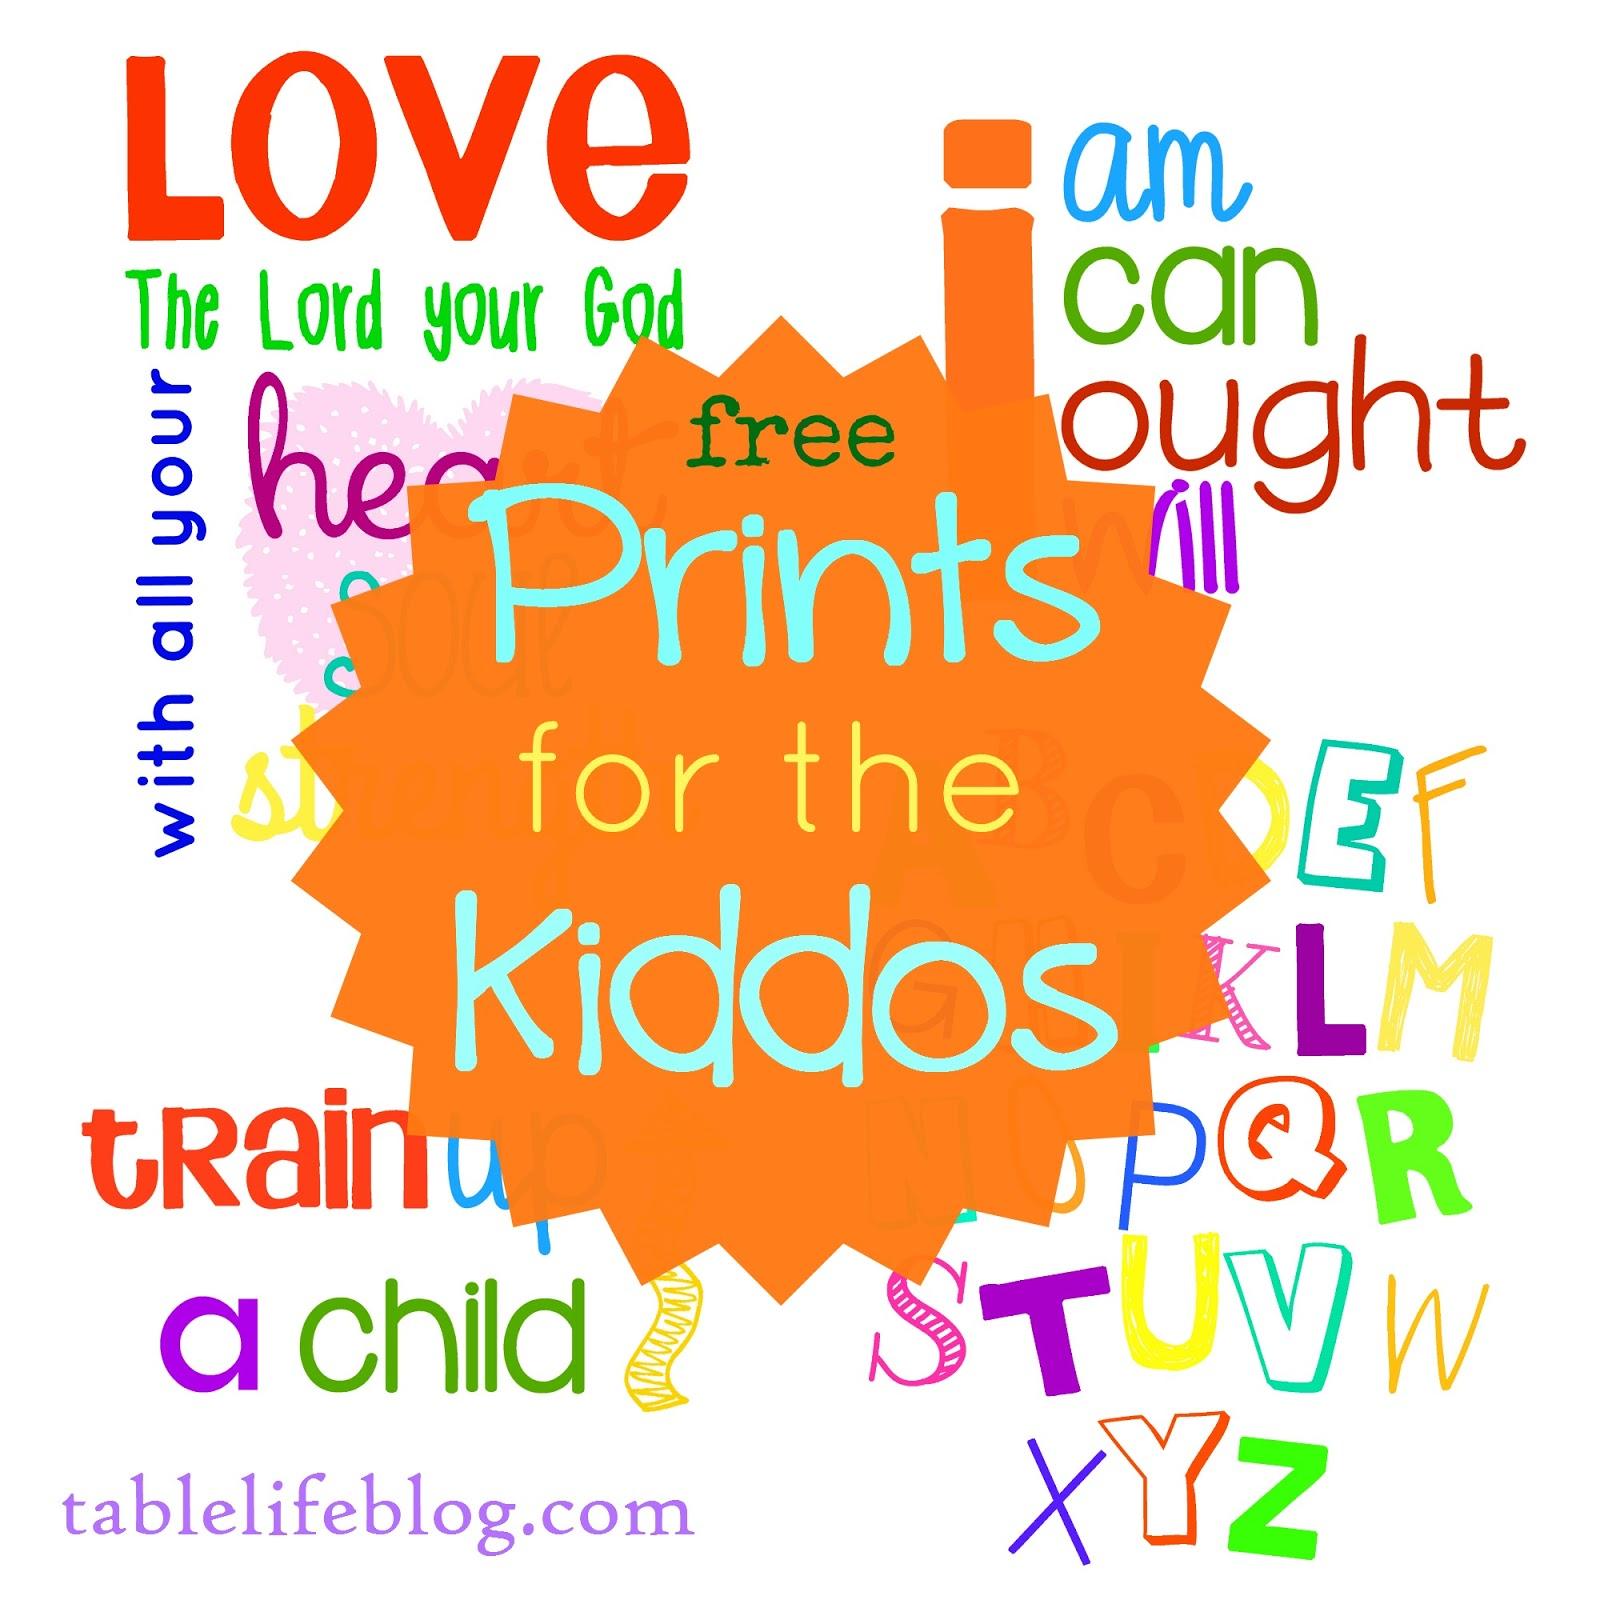 ABC - Deuteronomy 6 - Charlotte Mason - Train Up homeschool playroom school printables